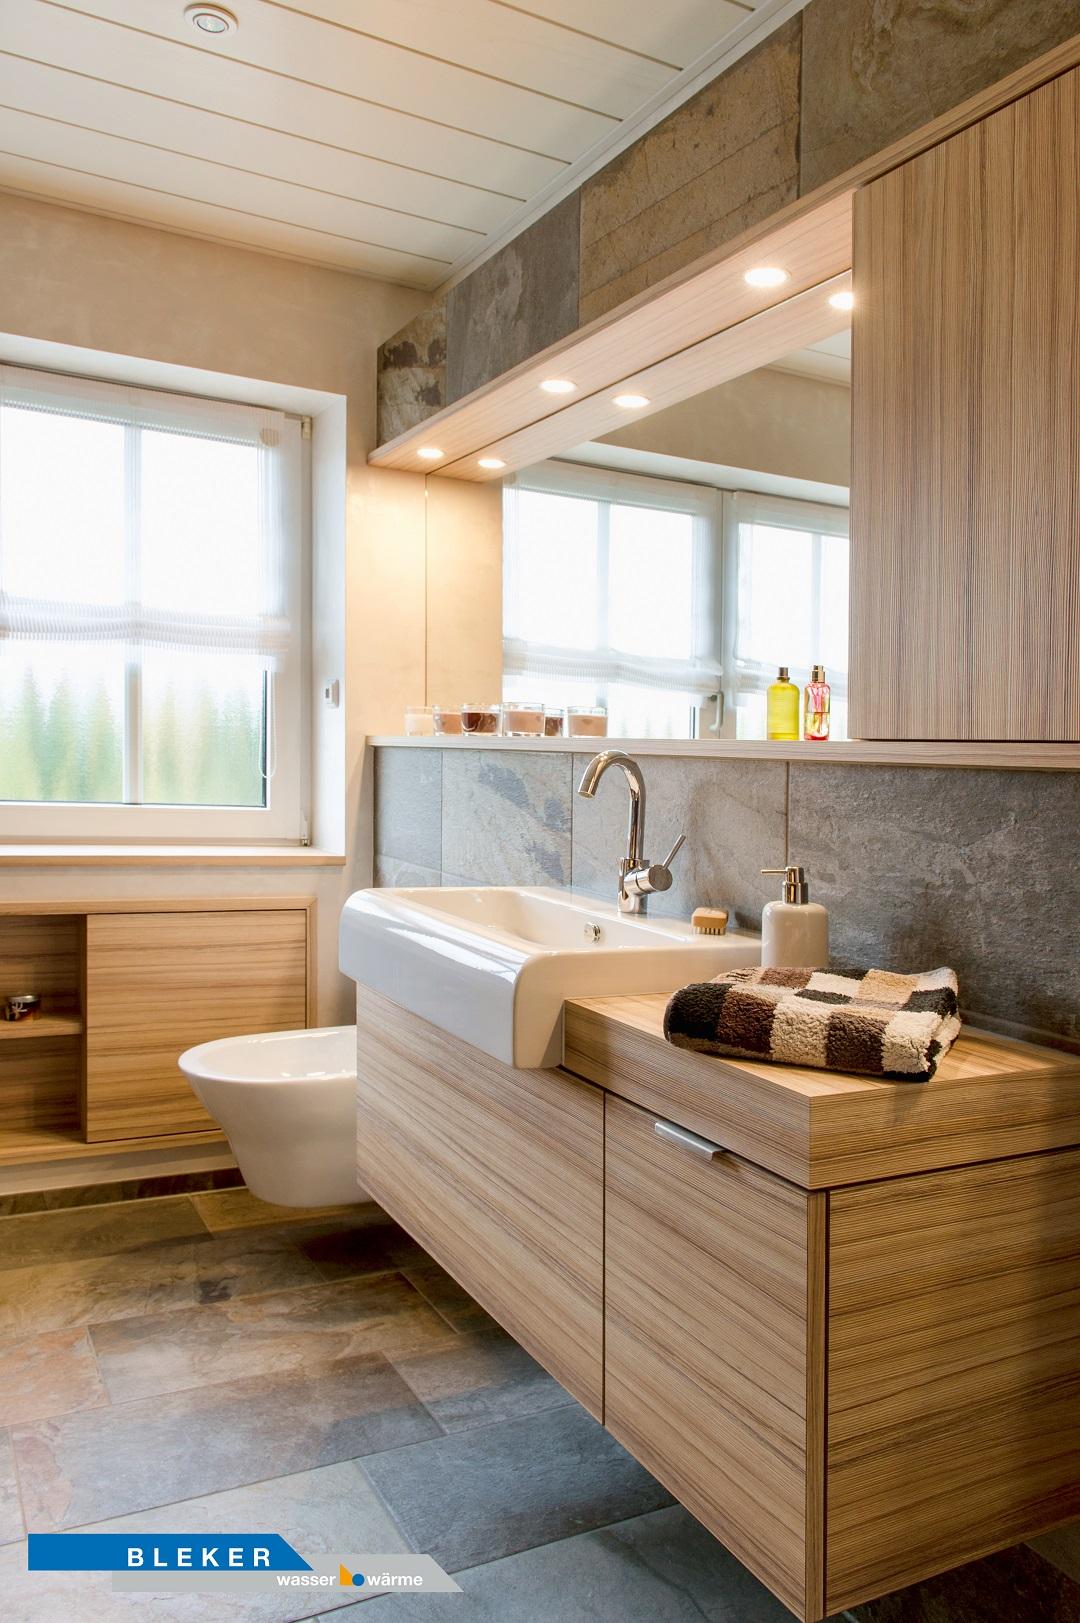 Bad mit grosser Waschtischanlage holzfarben, Natursteinfliesen